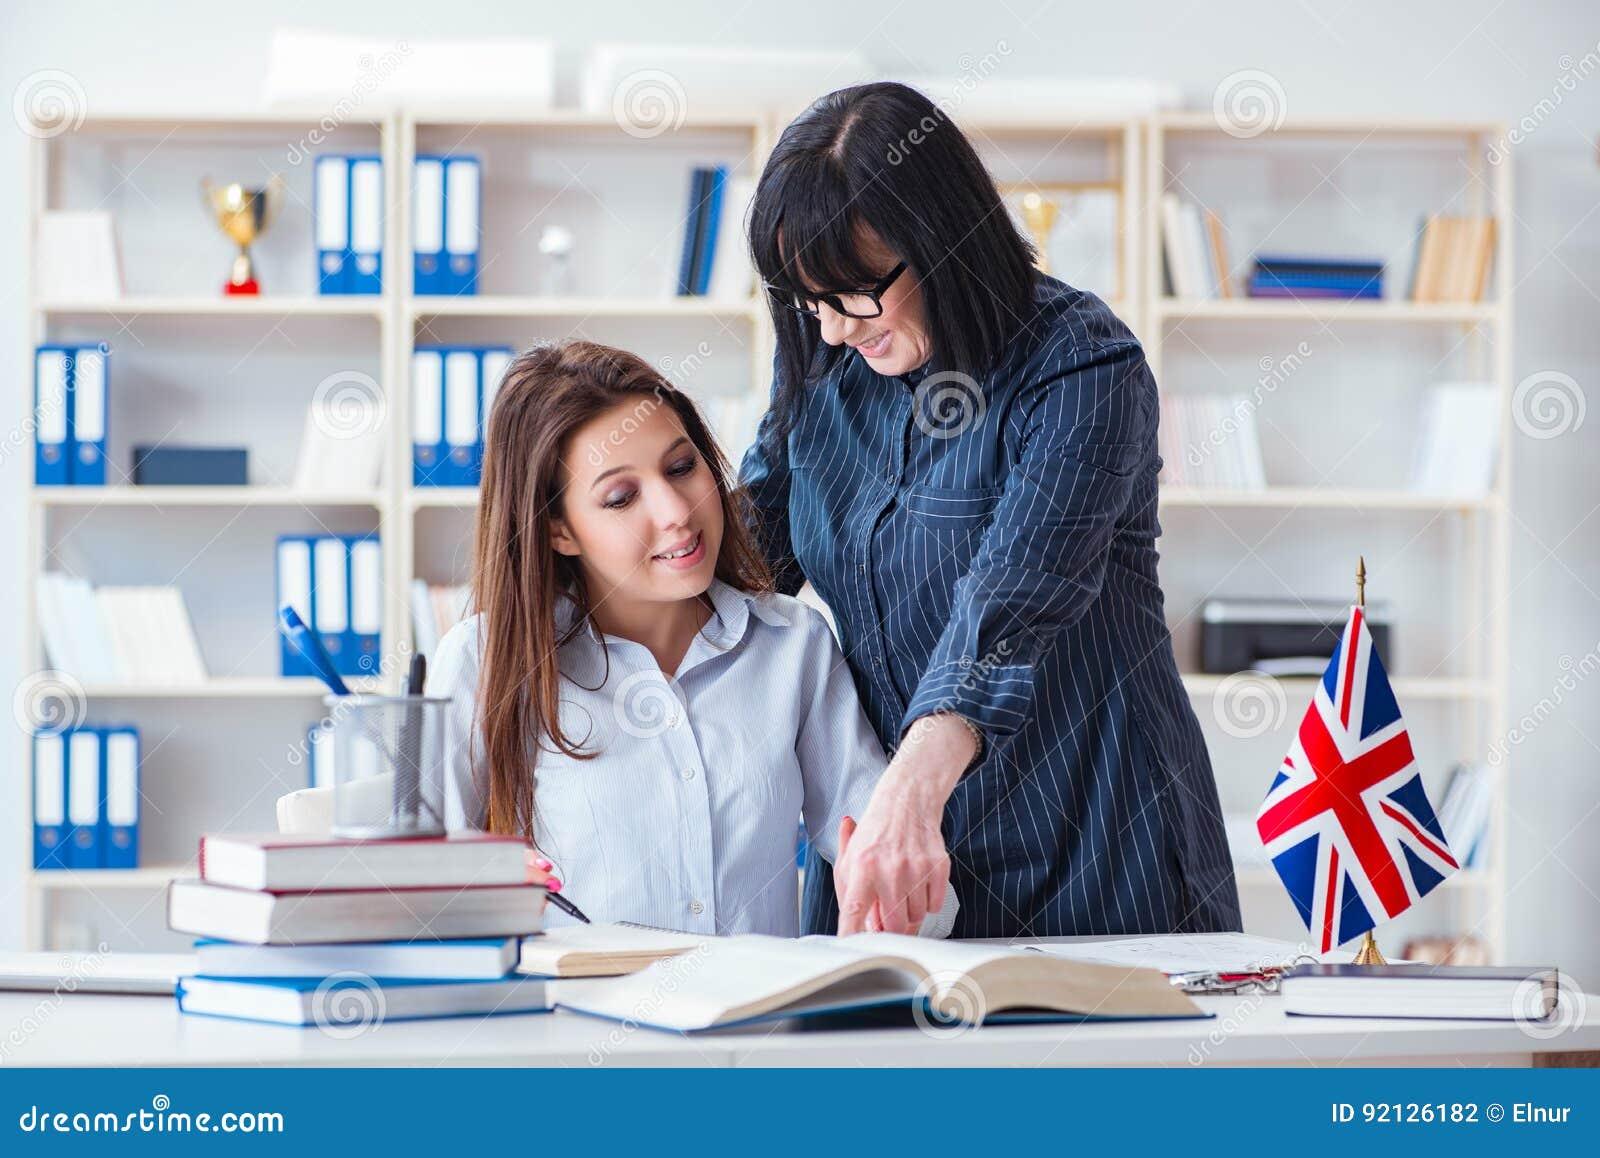 Il giovane studente straniero durante la lezione di lingua inglese